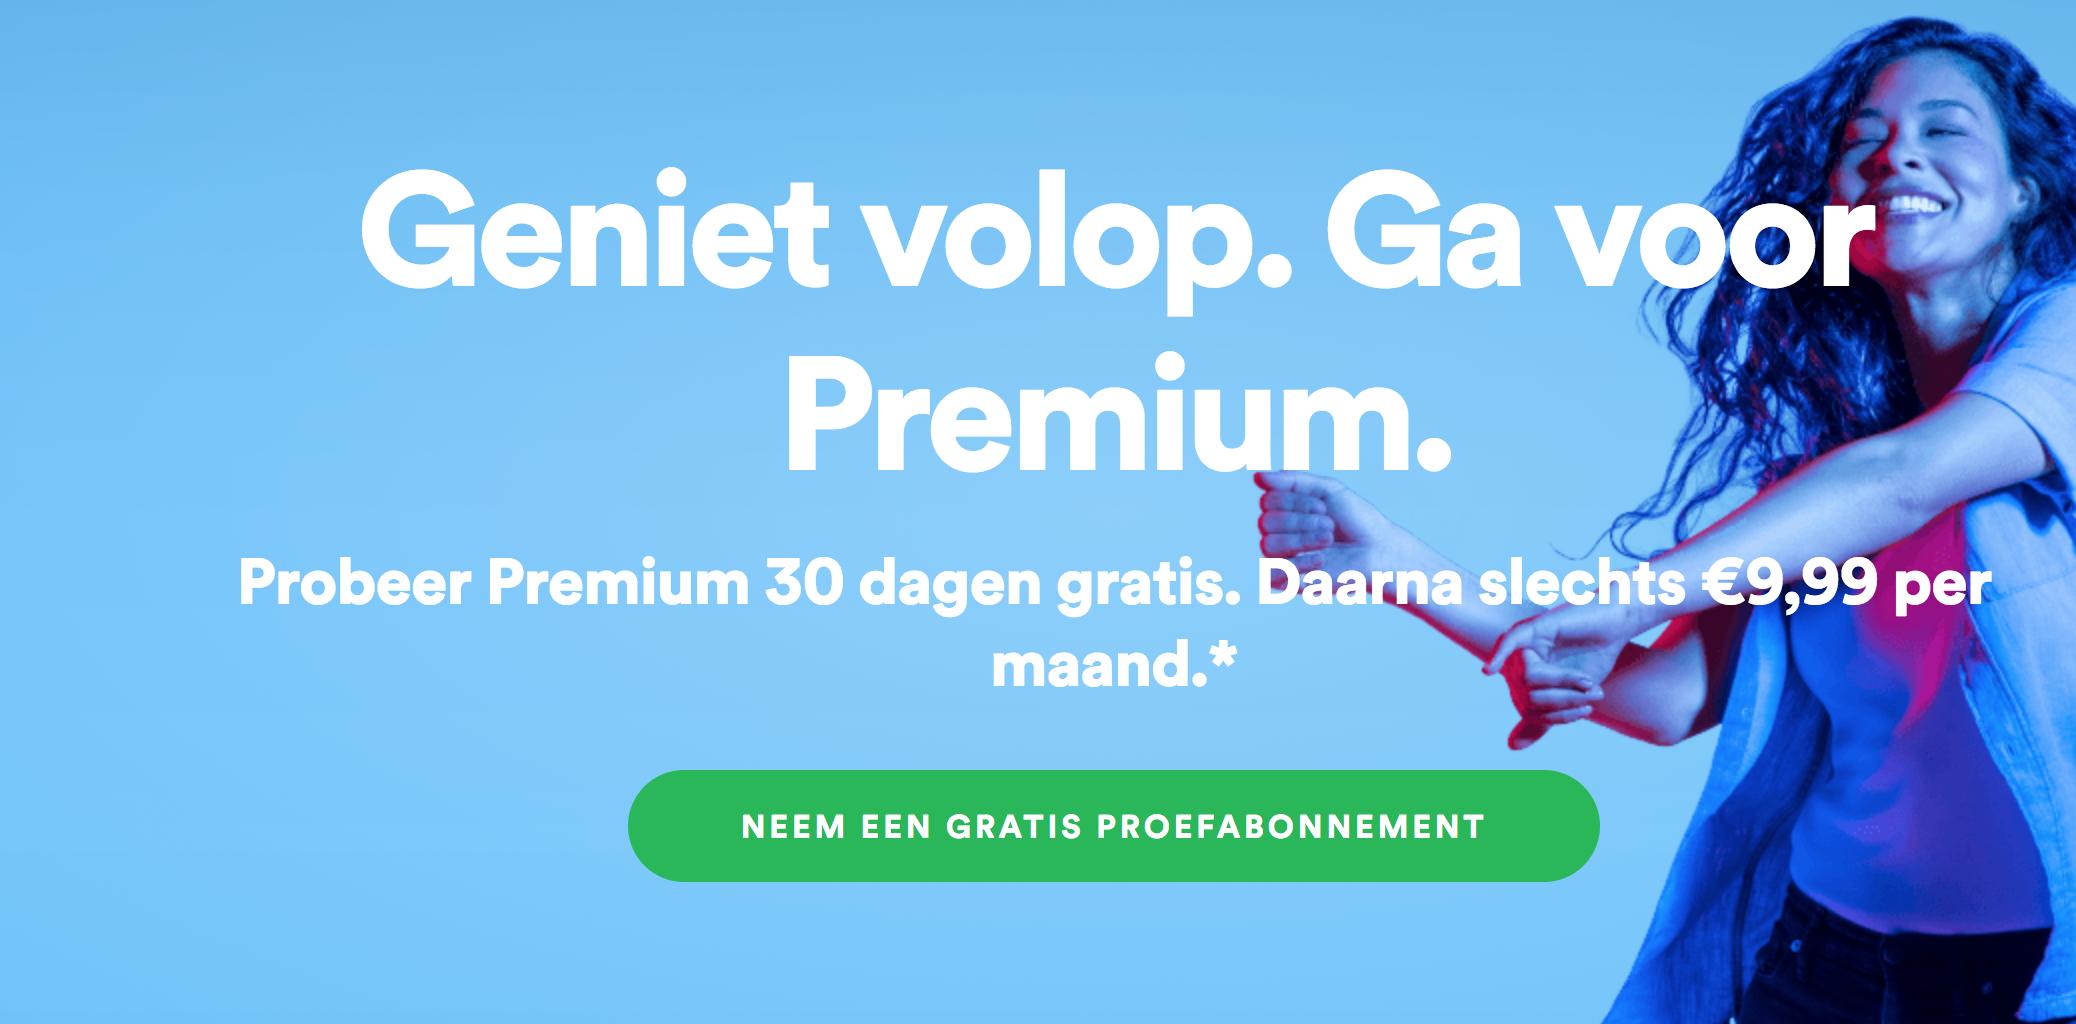 Gratis proefabonnement voor Spotify